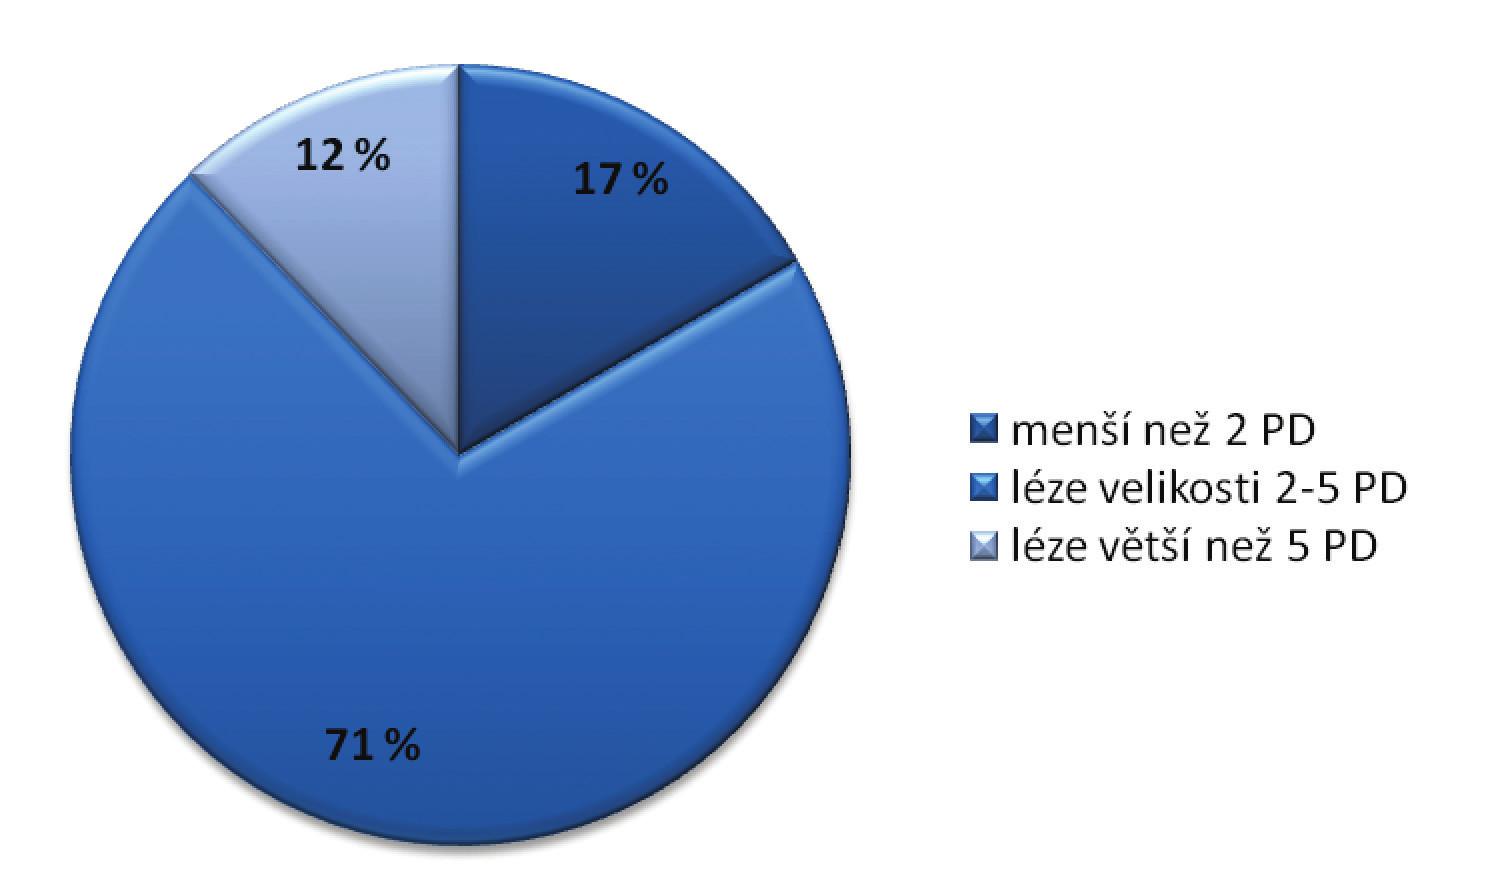 Charakteristika souboru dle velikosti léze